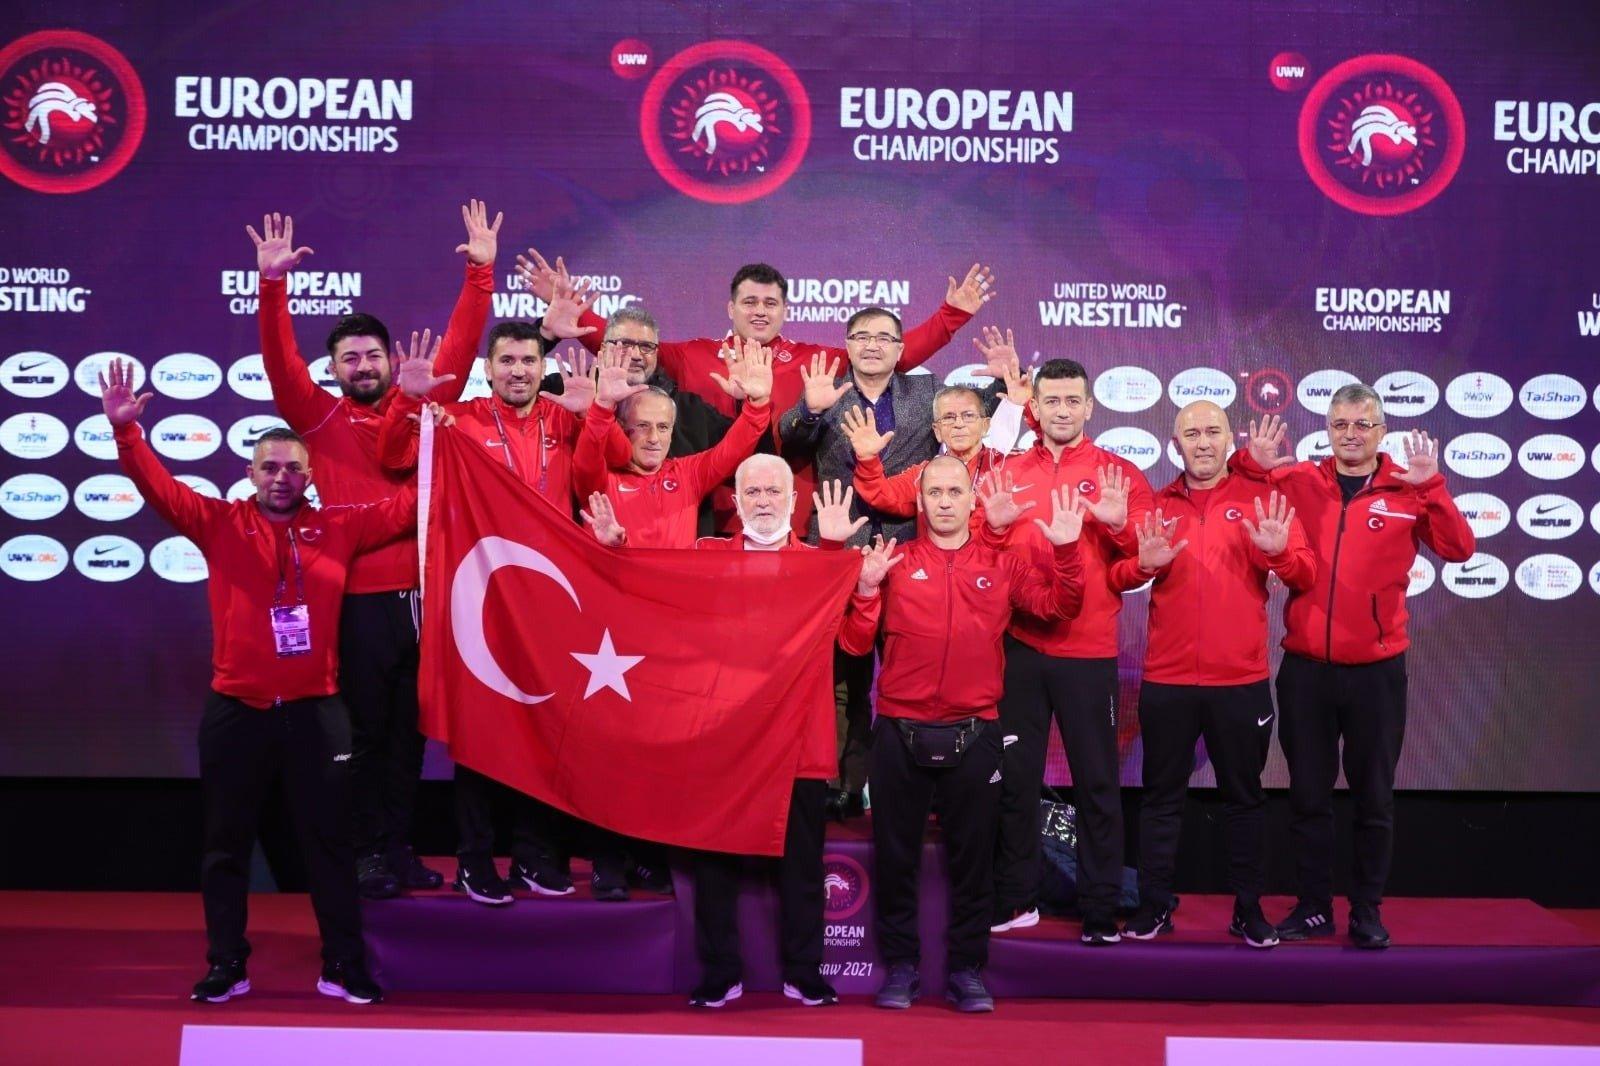 Reza Kayalab ve Türk heyeti, Avrupa şampiyonluğunu onuncu kez kazandıktan sonra kutlama yapıyor, 24 Nisan 2021, Varşova, Polonya (AA Fotoğrafı)